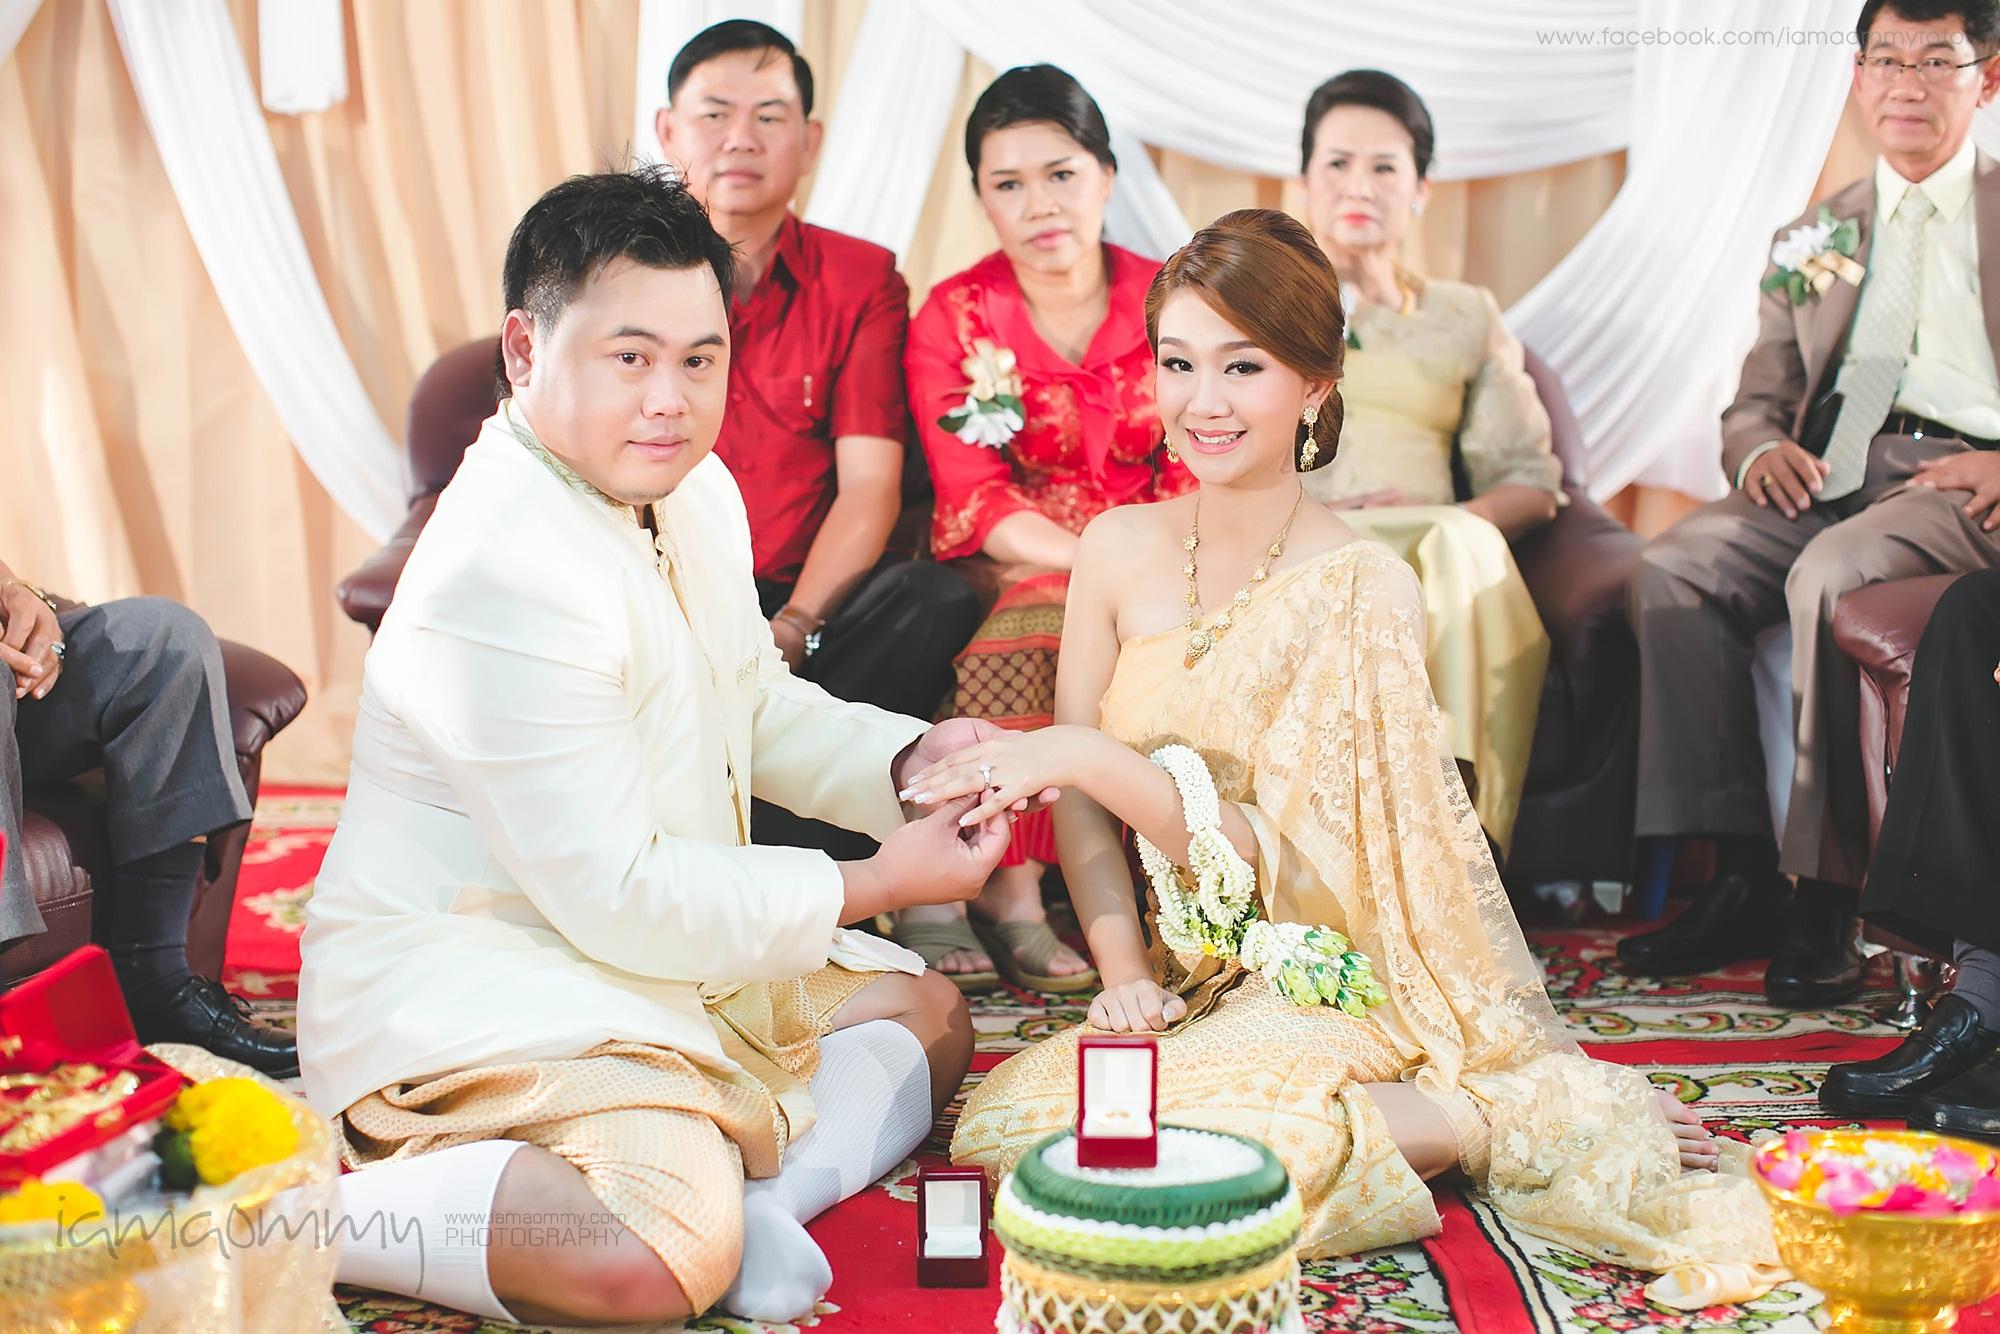 ถ่ายภาพแต่งงงาน_สมาคมชาวปักษ์ใต้_Elle&Nut_0606